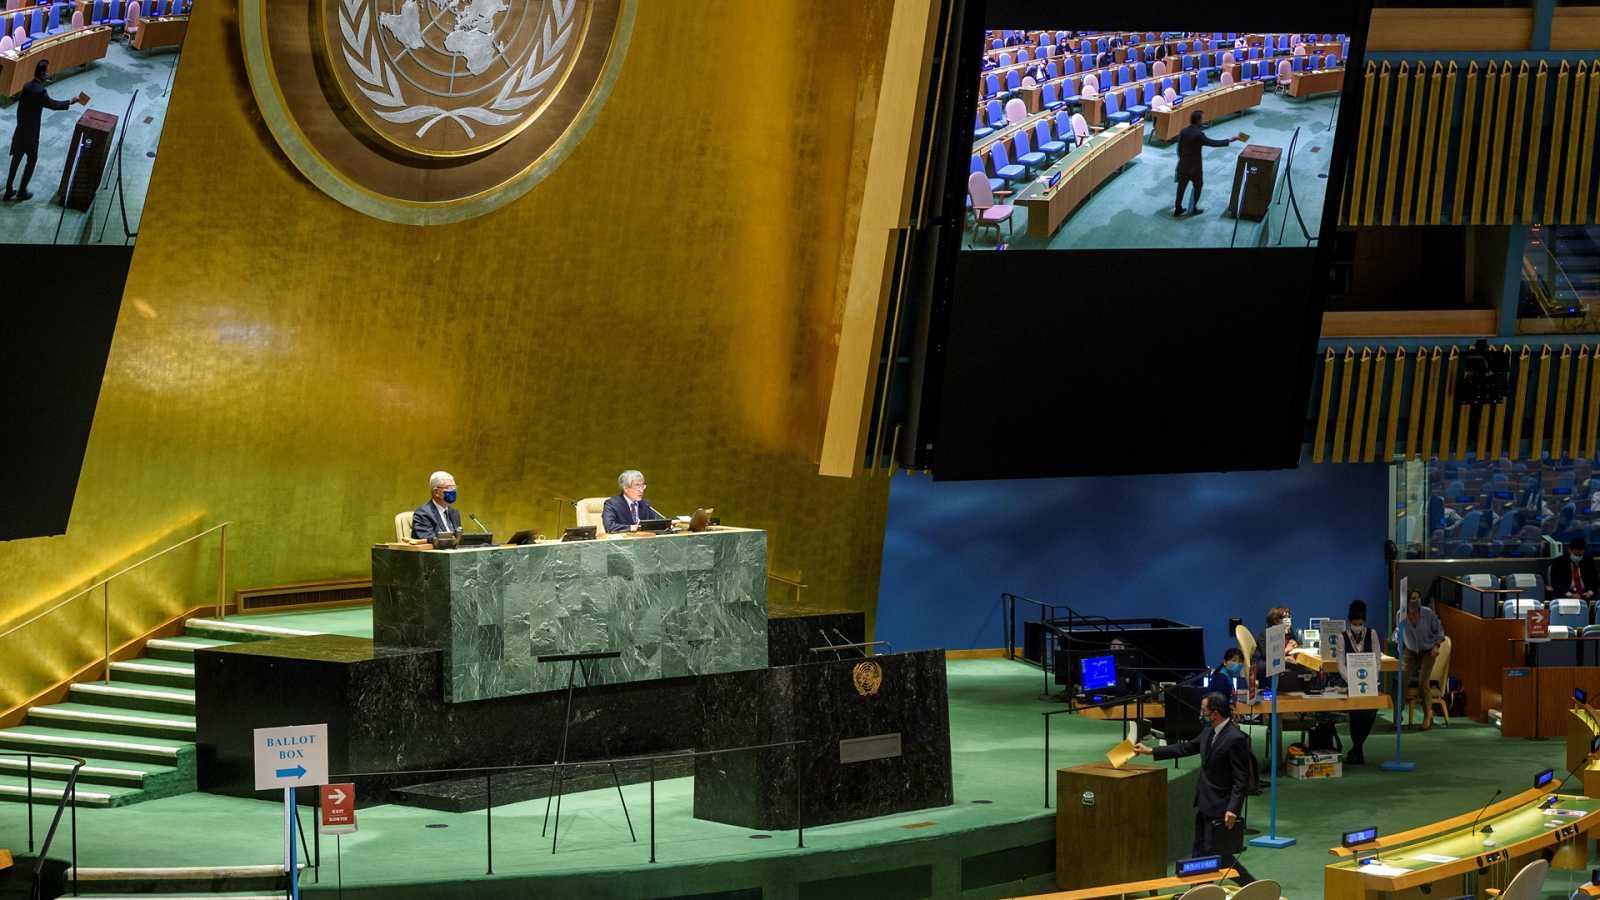 Asia hoy - China entra en el Consejo de Derechos Humanos de la ONU - 14/10/20 - escuchar ahora